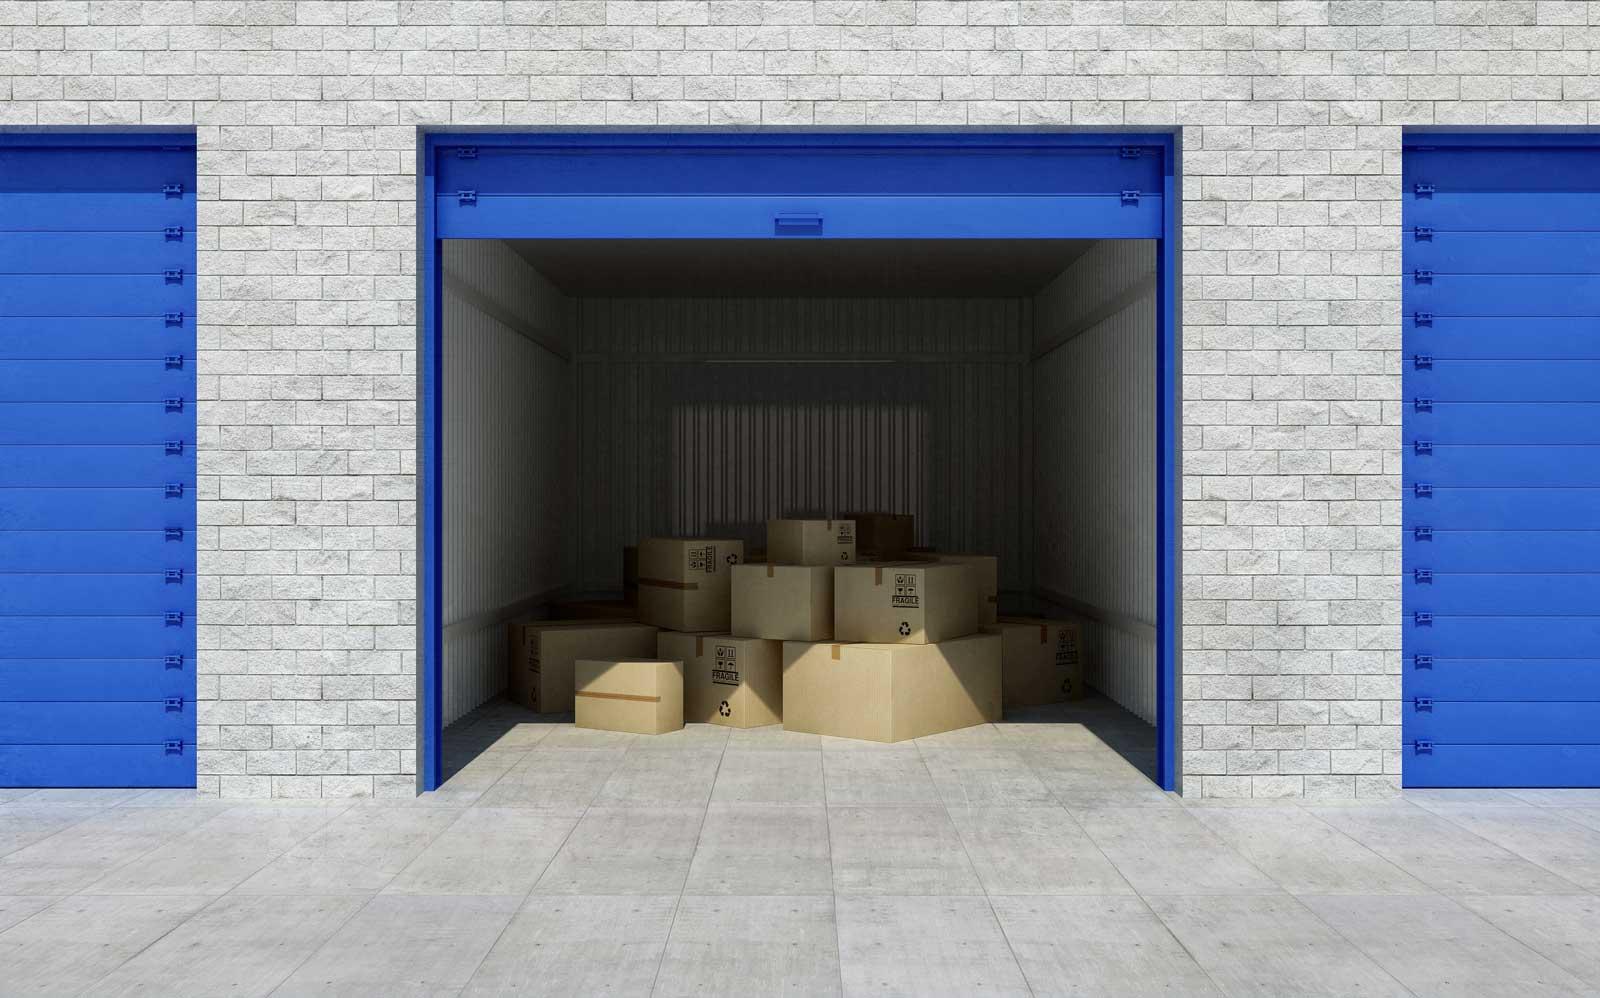 Des boîtes, dans un local d'entreposage